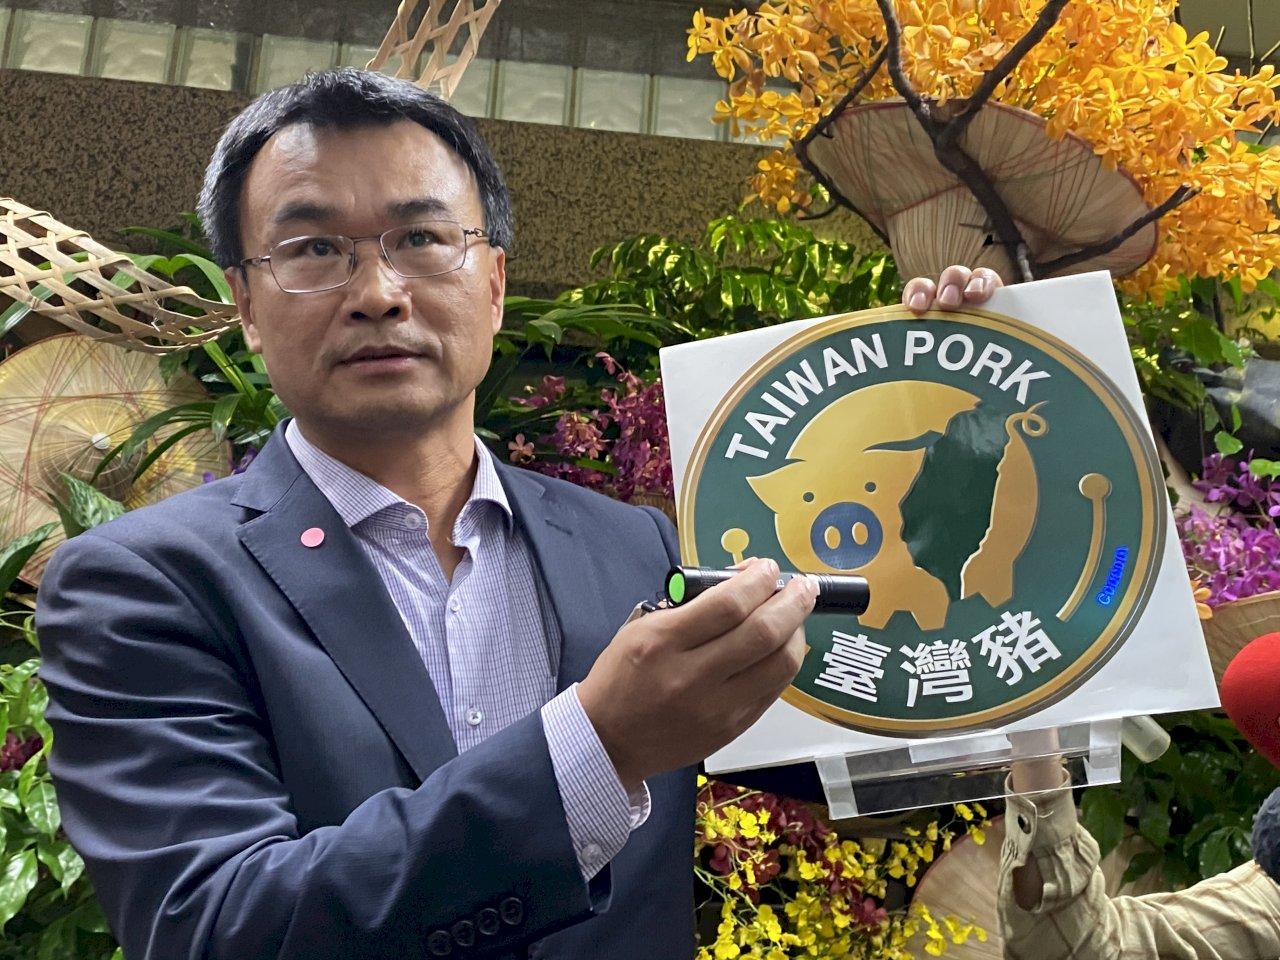 申請台灣豬標章商家注意 供貨源為進口業者列高風險稽查